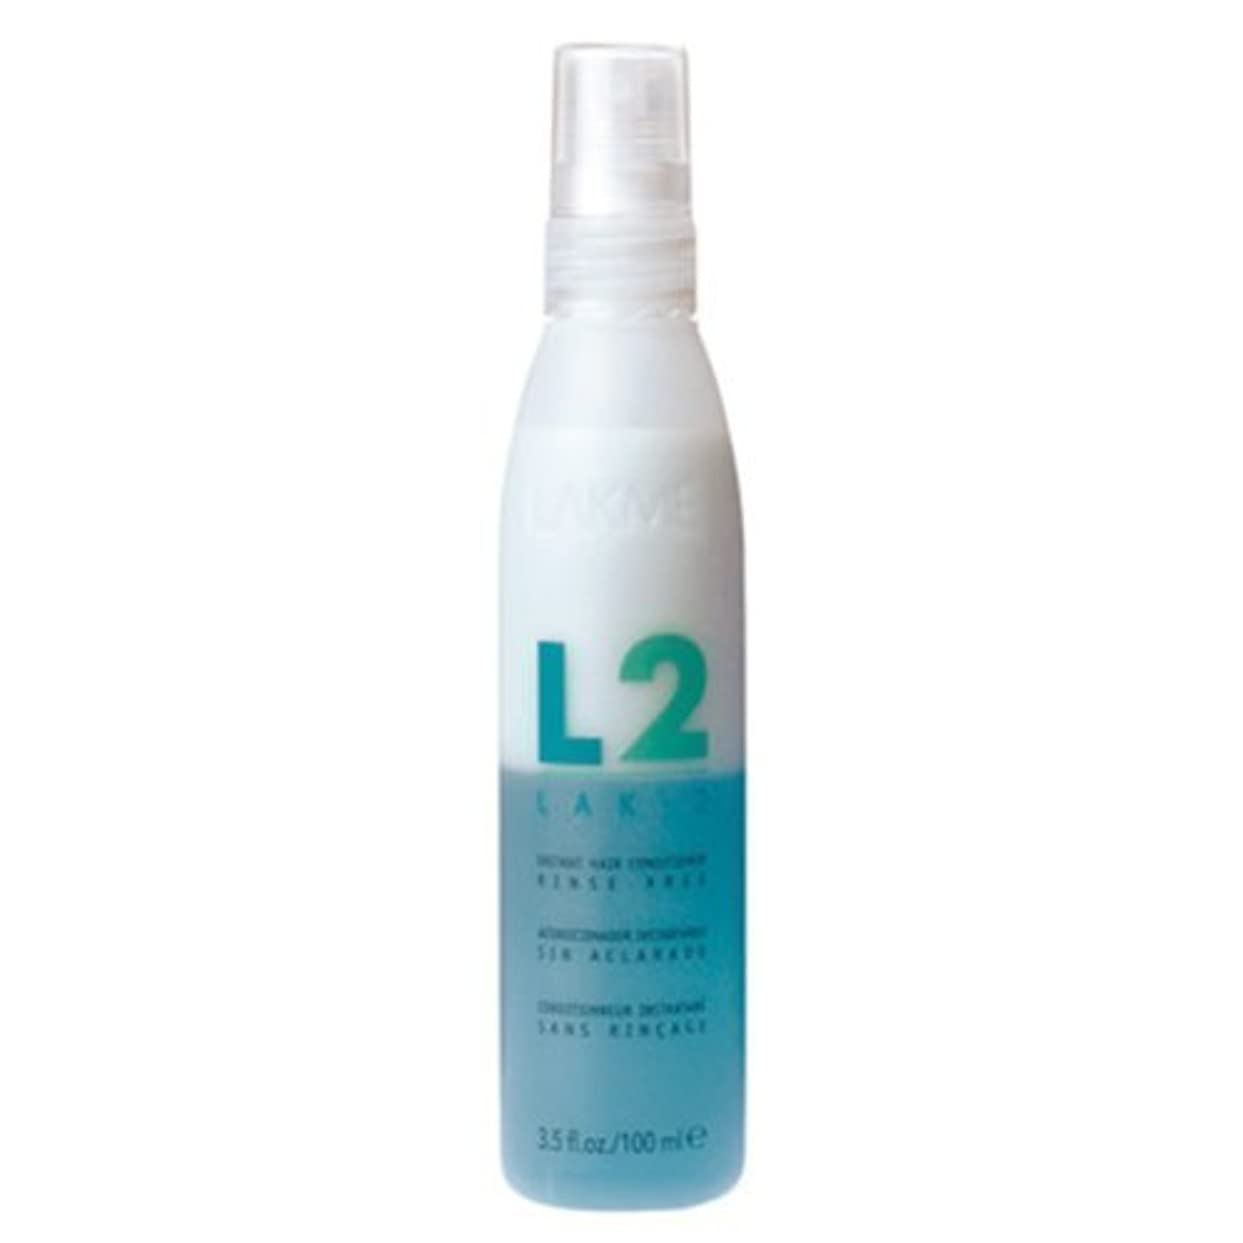 薬局アリ補正Lakme Lak 2 Instant Hair Conditioner 3.5 Oz by Lakme